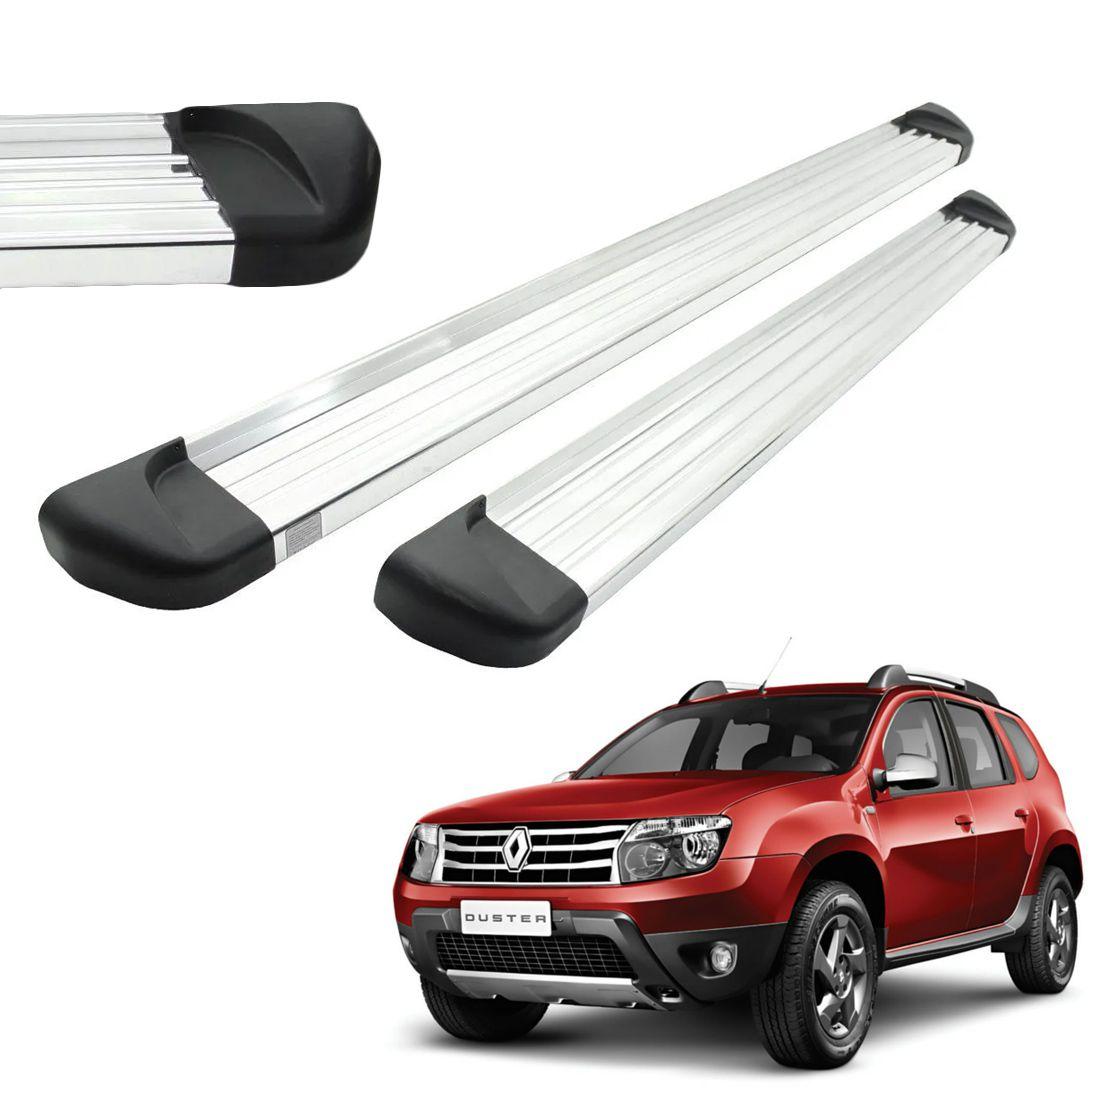 Estribo Aluminio Polido Renault Duster